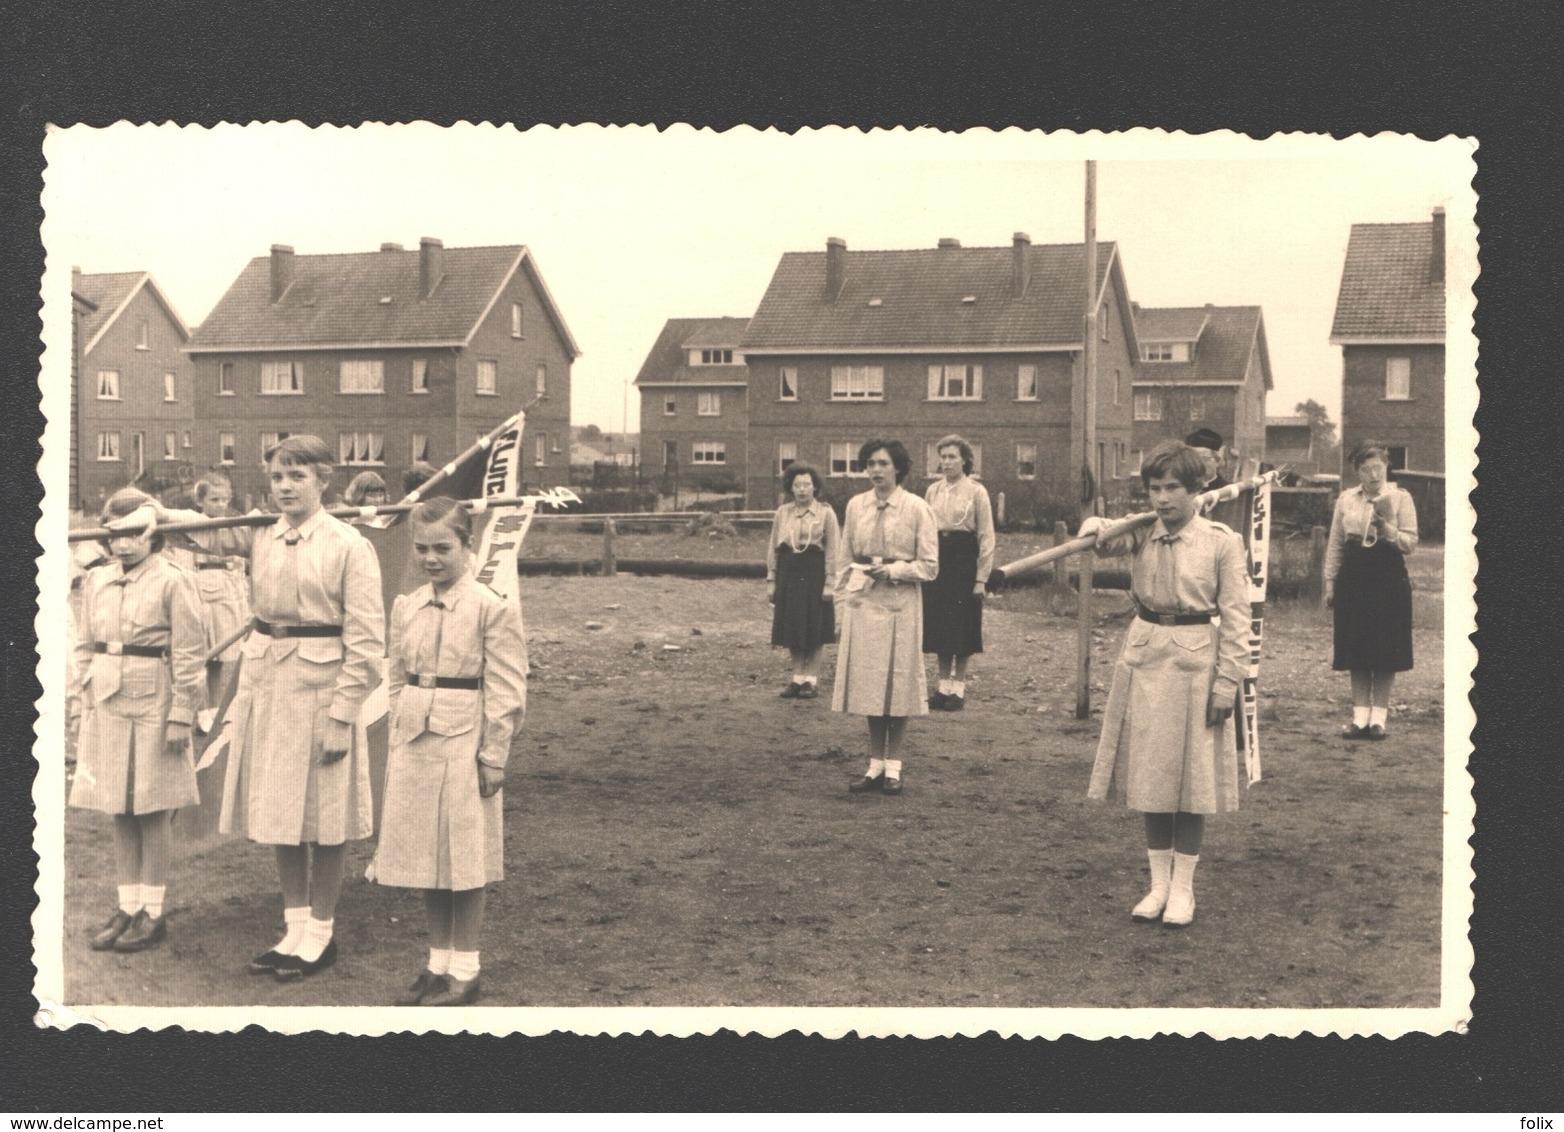 Houthalen - Originele Fotokaart Gevaert - Chiro St. Lutgart Meulenberg - Ca 1960 - Pfadfinder-Bewegung